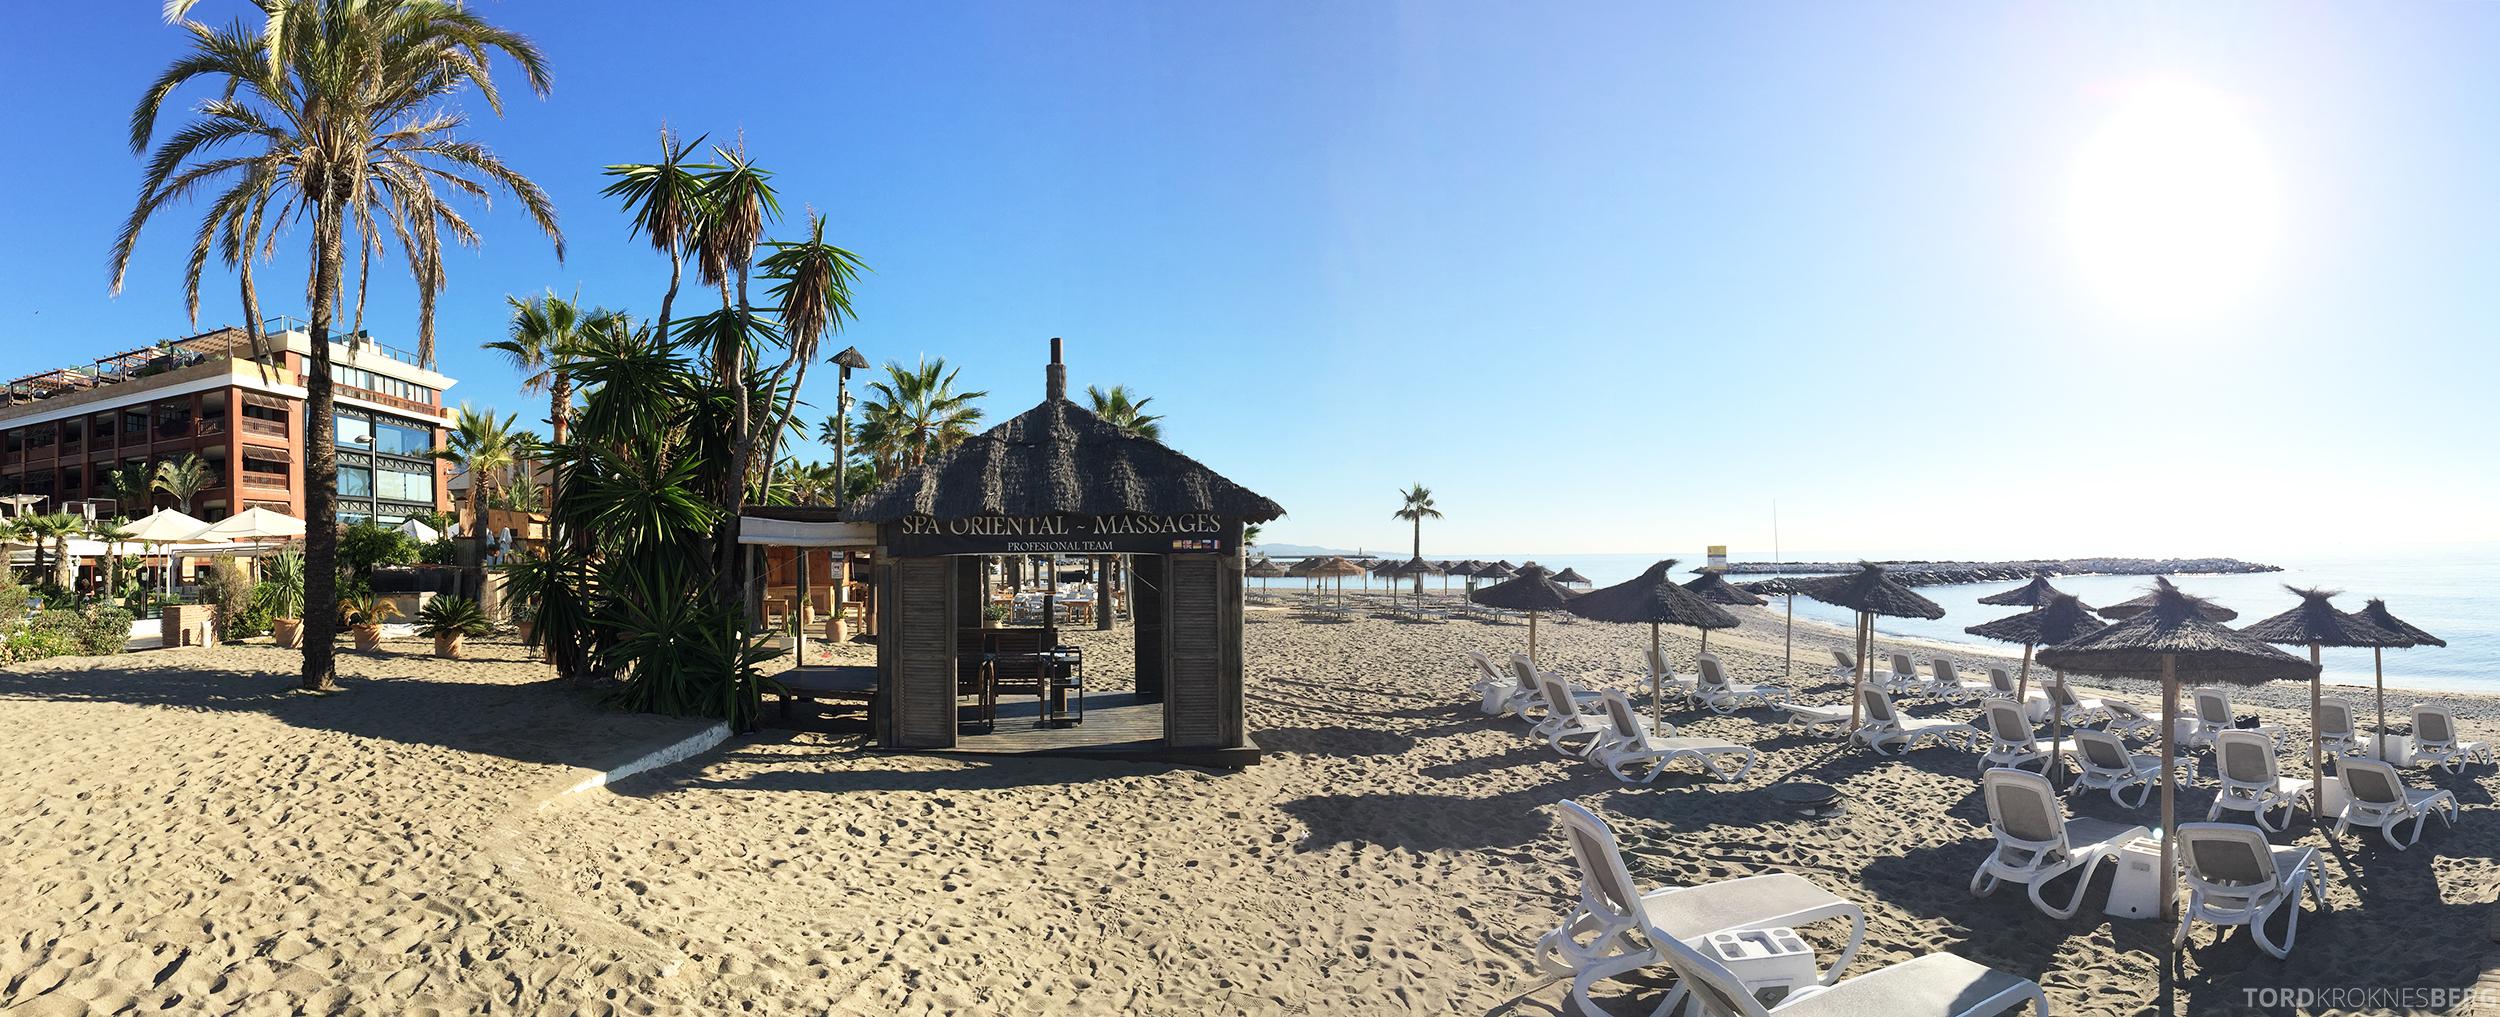 Gran Hotel Guadalpin Banus Marbella strand